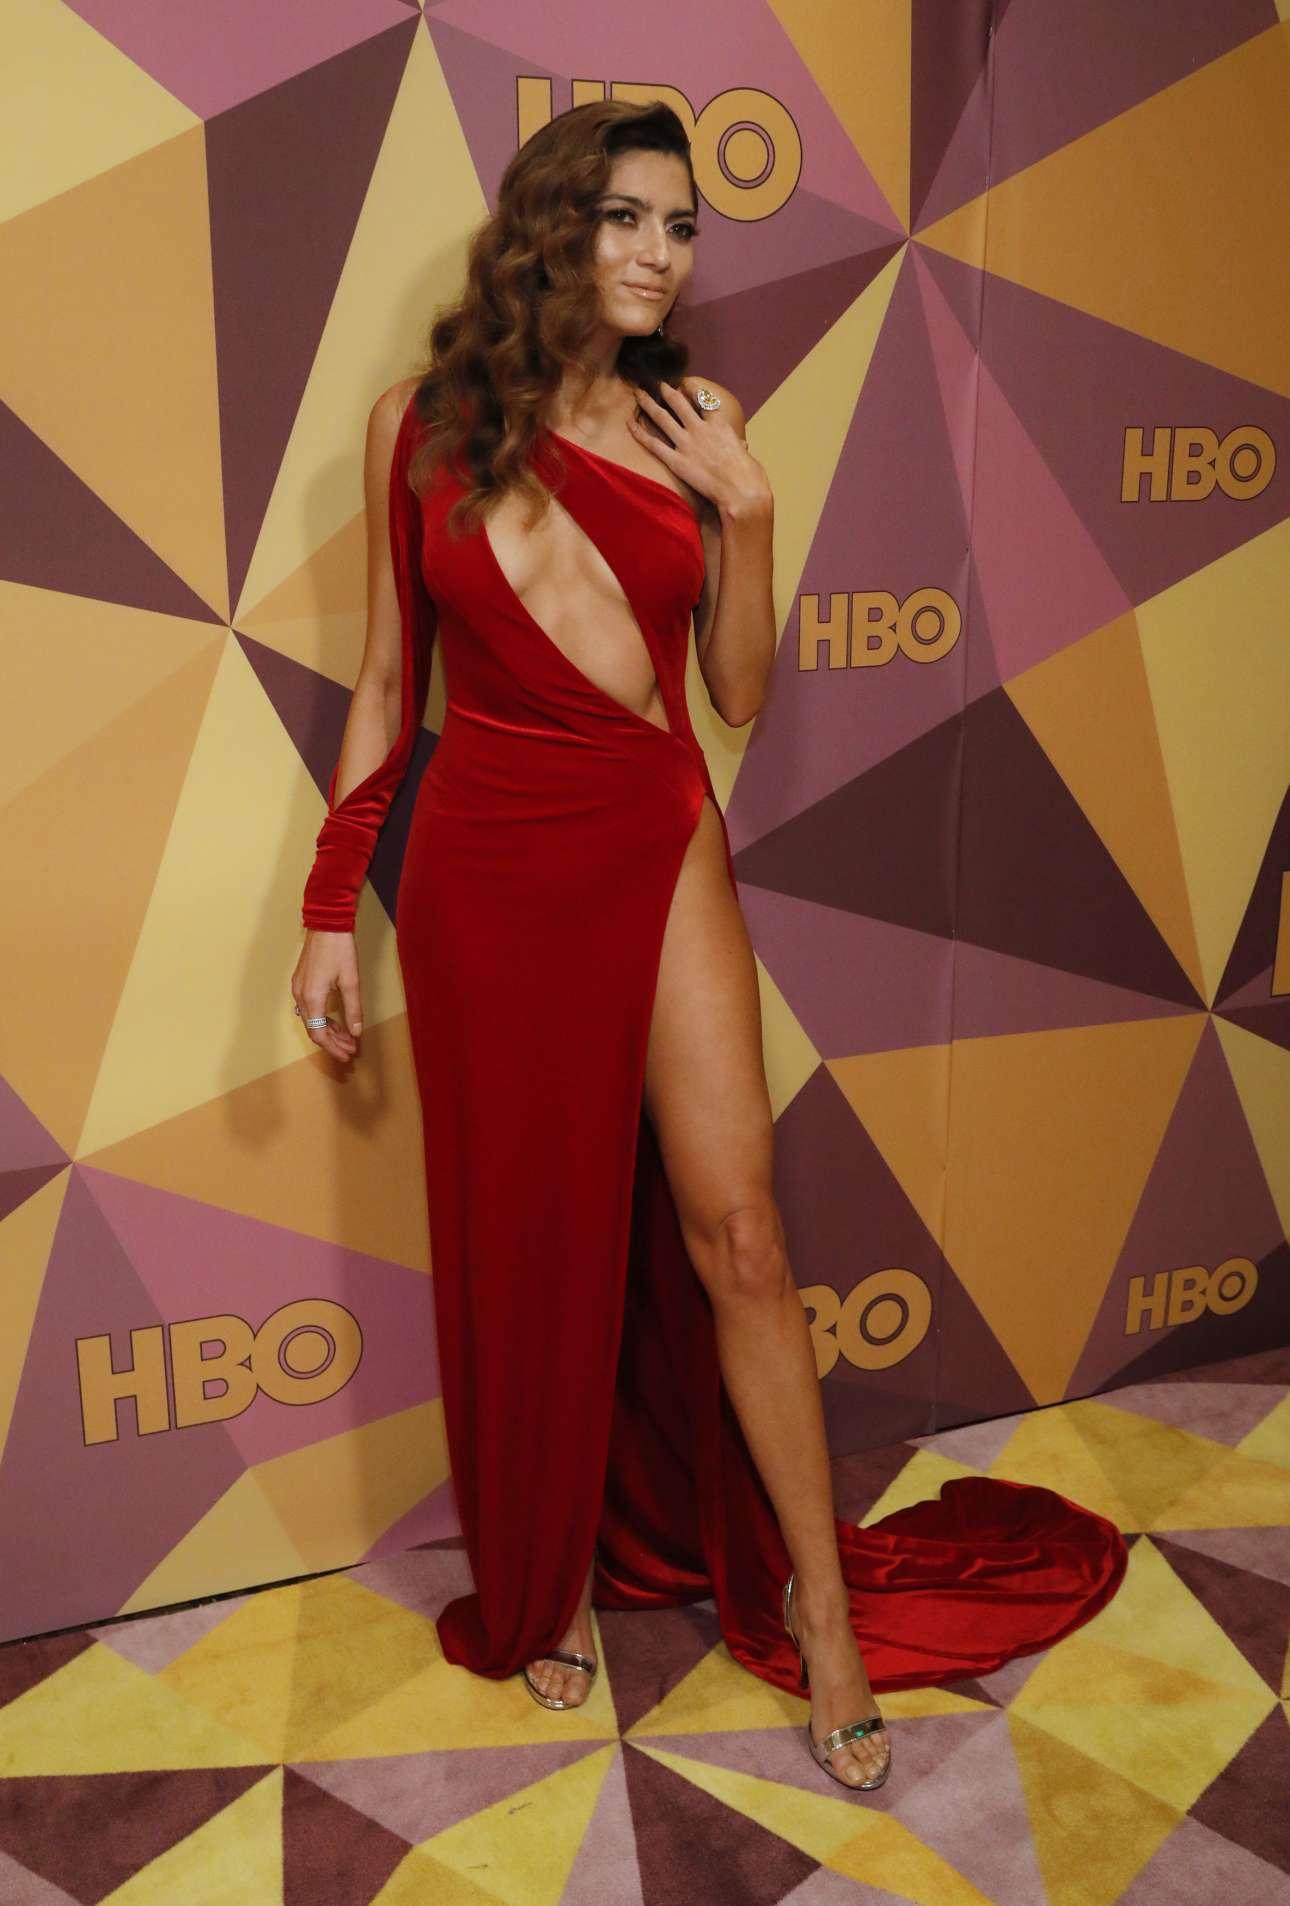 Μια κόκκινη παρασπονδία, από την ηθοποιό Μπλάνκα Μπλάνκο. Ελάχιστοι την γνωρίζουν, επομένως εξηγείται το κόκκινο